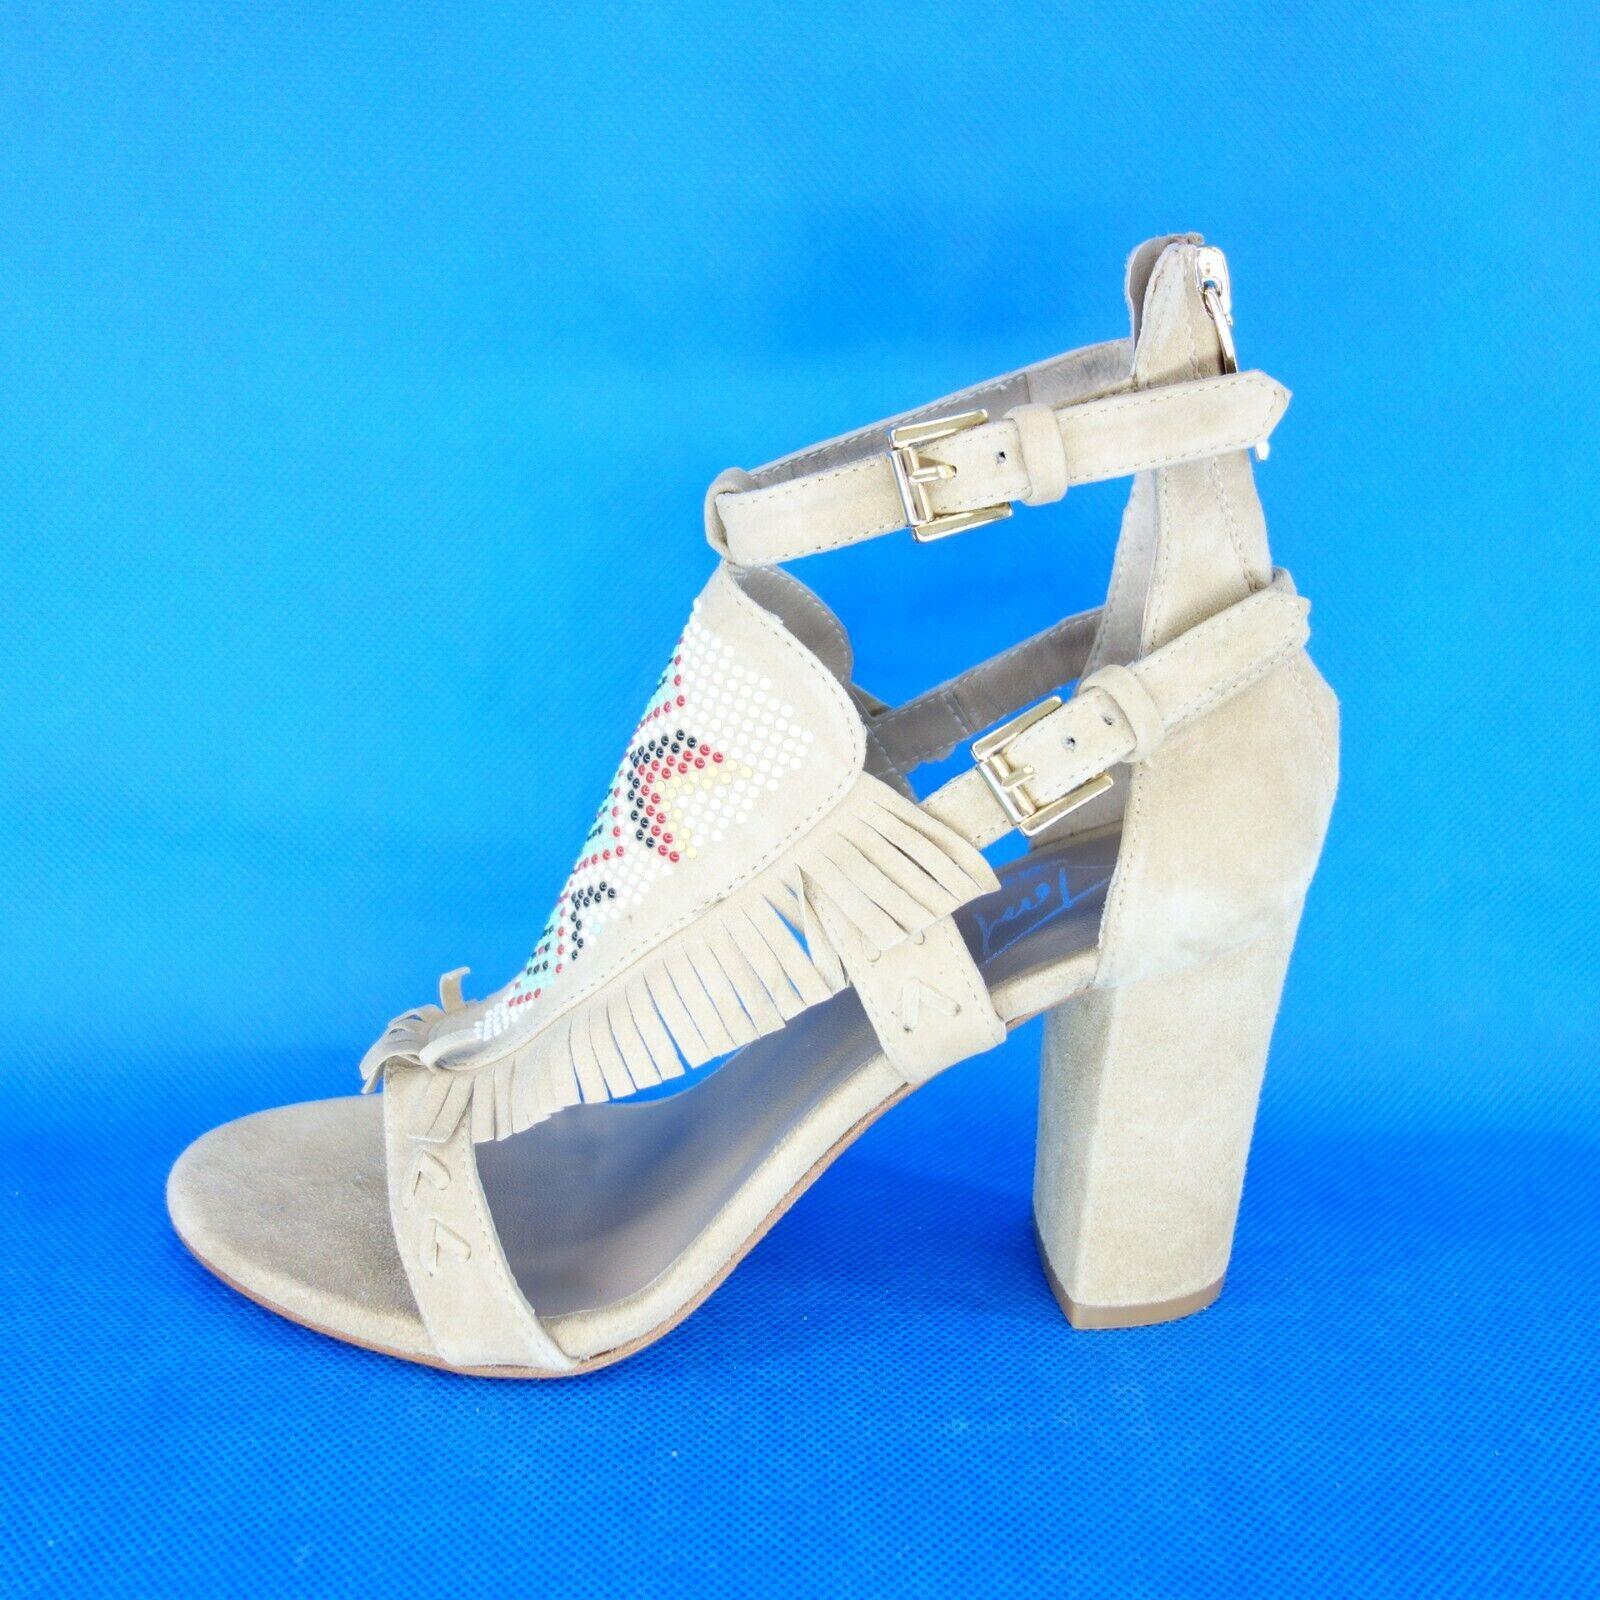 Toral Damen Schuhe Sandaletten Pumps Größe 36 37 39 41 Beige Leder NP 189 Neu